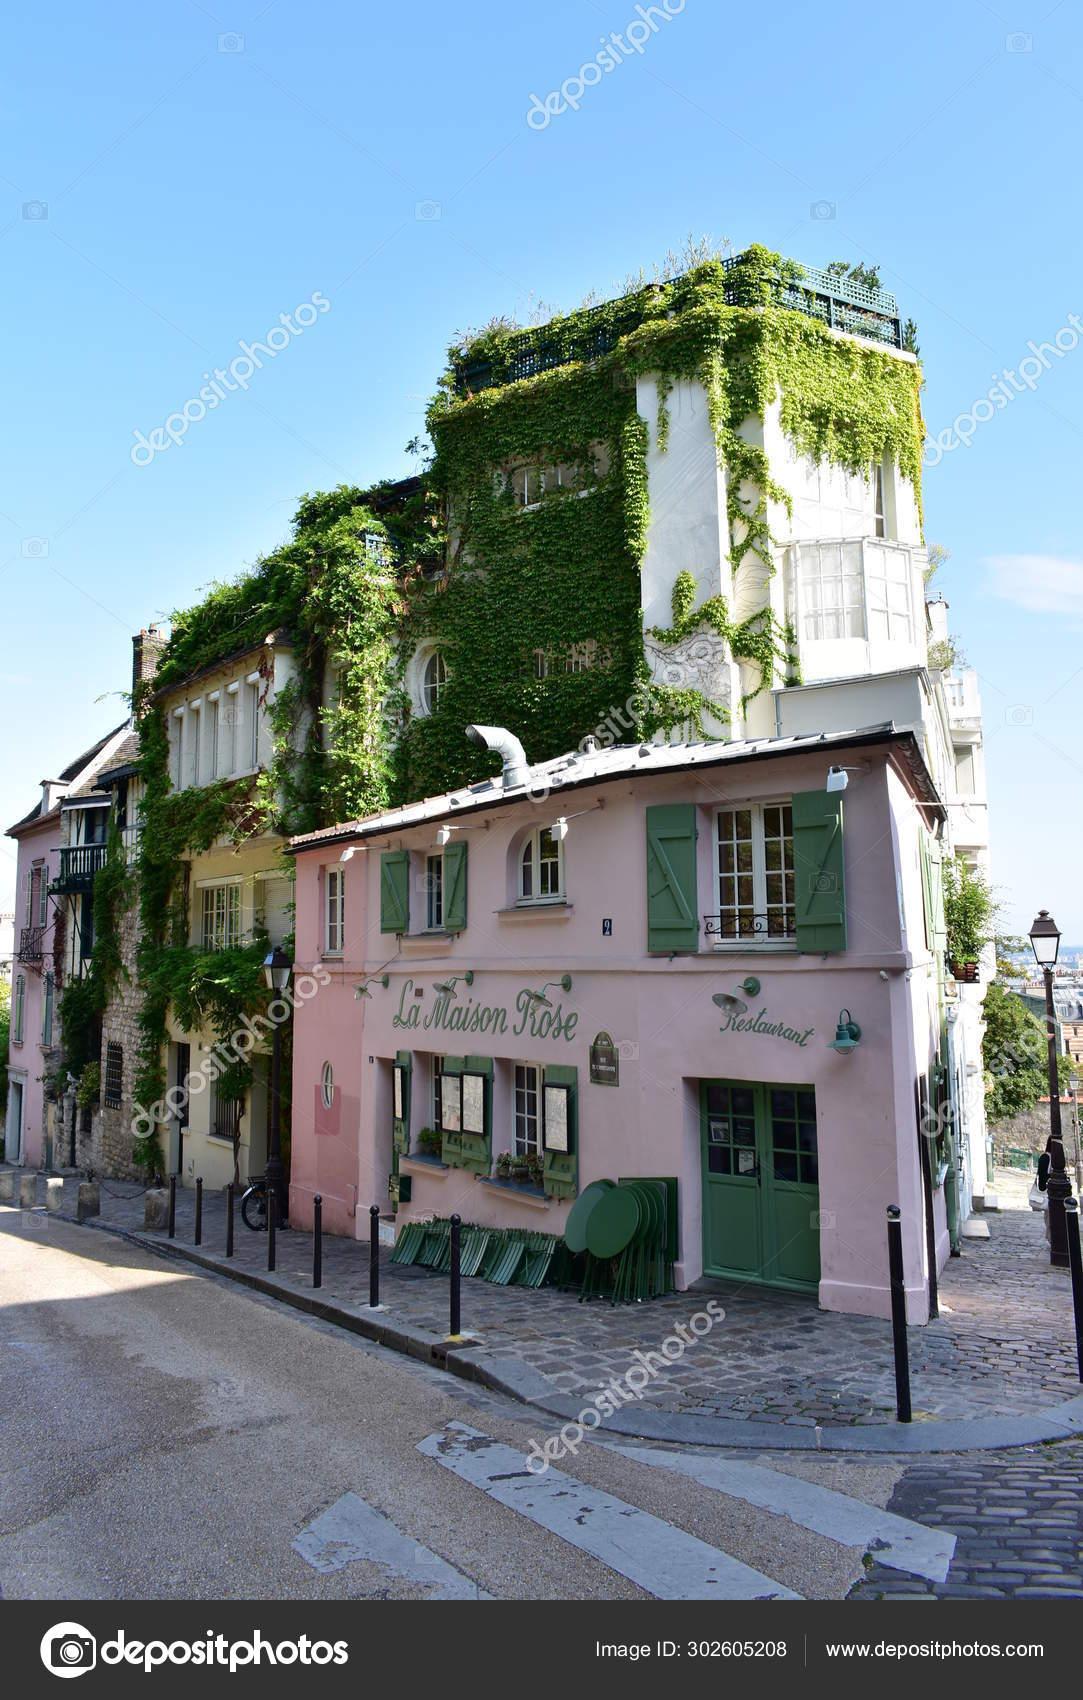 Famous Maison Rose Cafe Restaurant Located Montmartre Paris France August Stock Editorial Photo C Jmbf 302605208